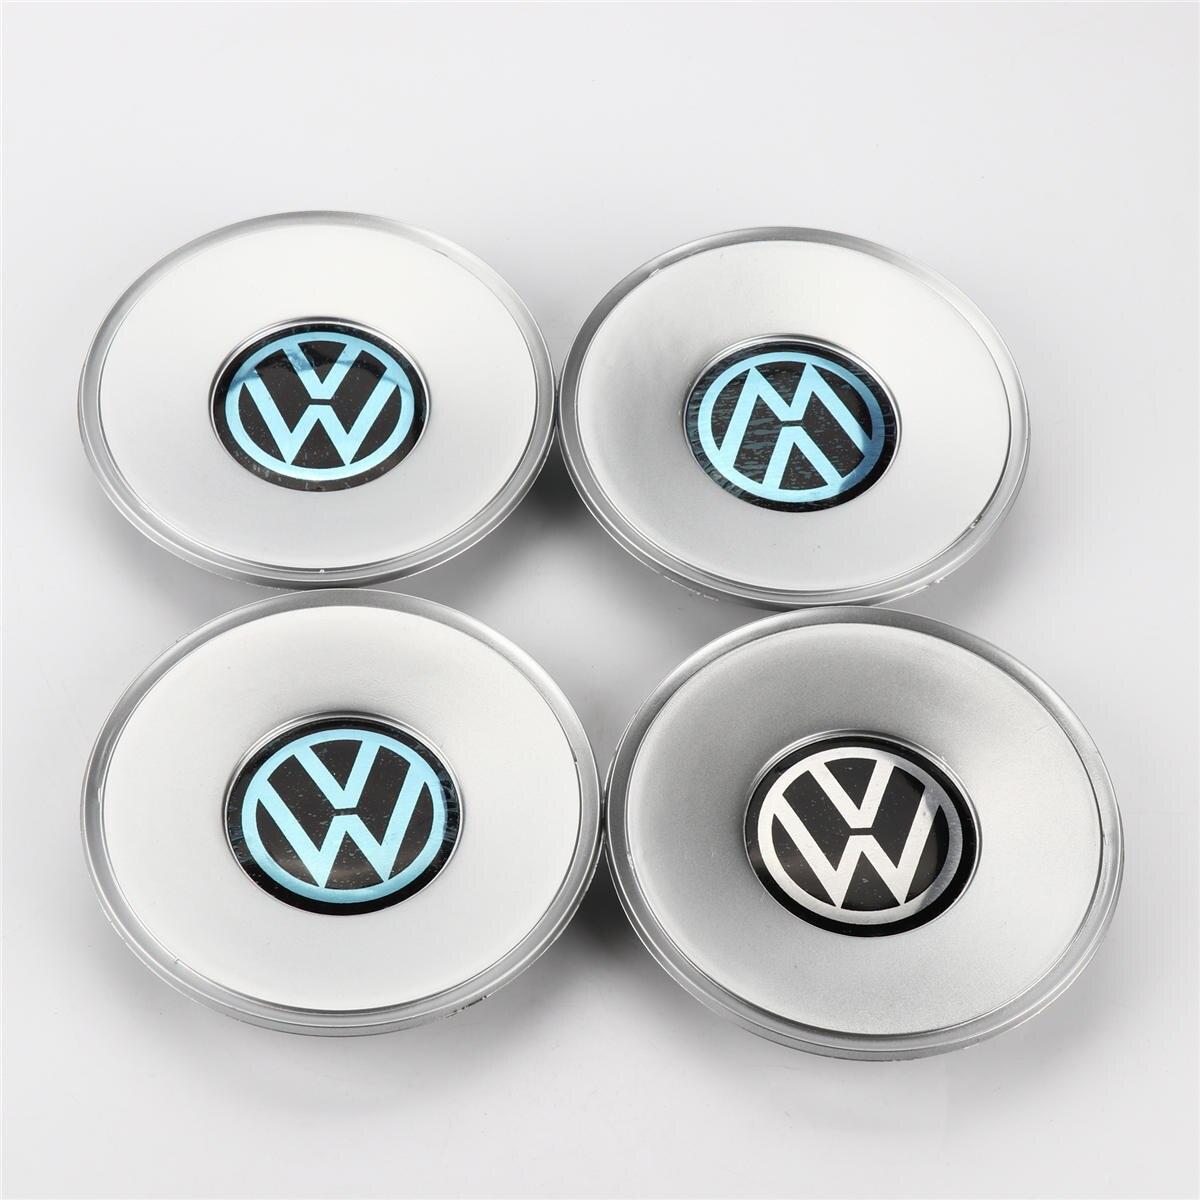 цена на 4pcs Chrome Wheel Center Hub Cap 154mm For VW Passat B5 3B0 601 149